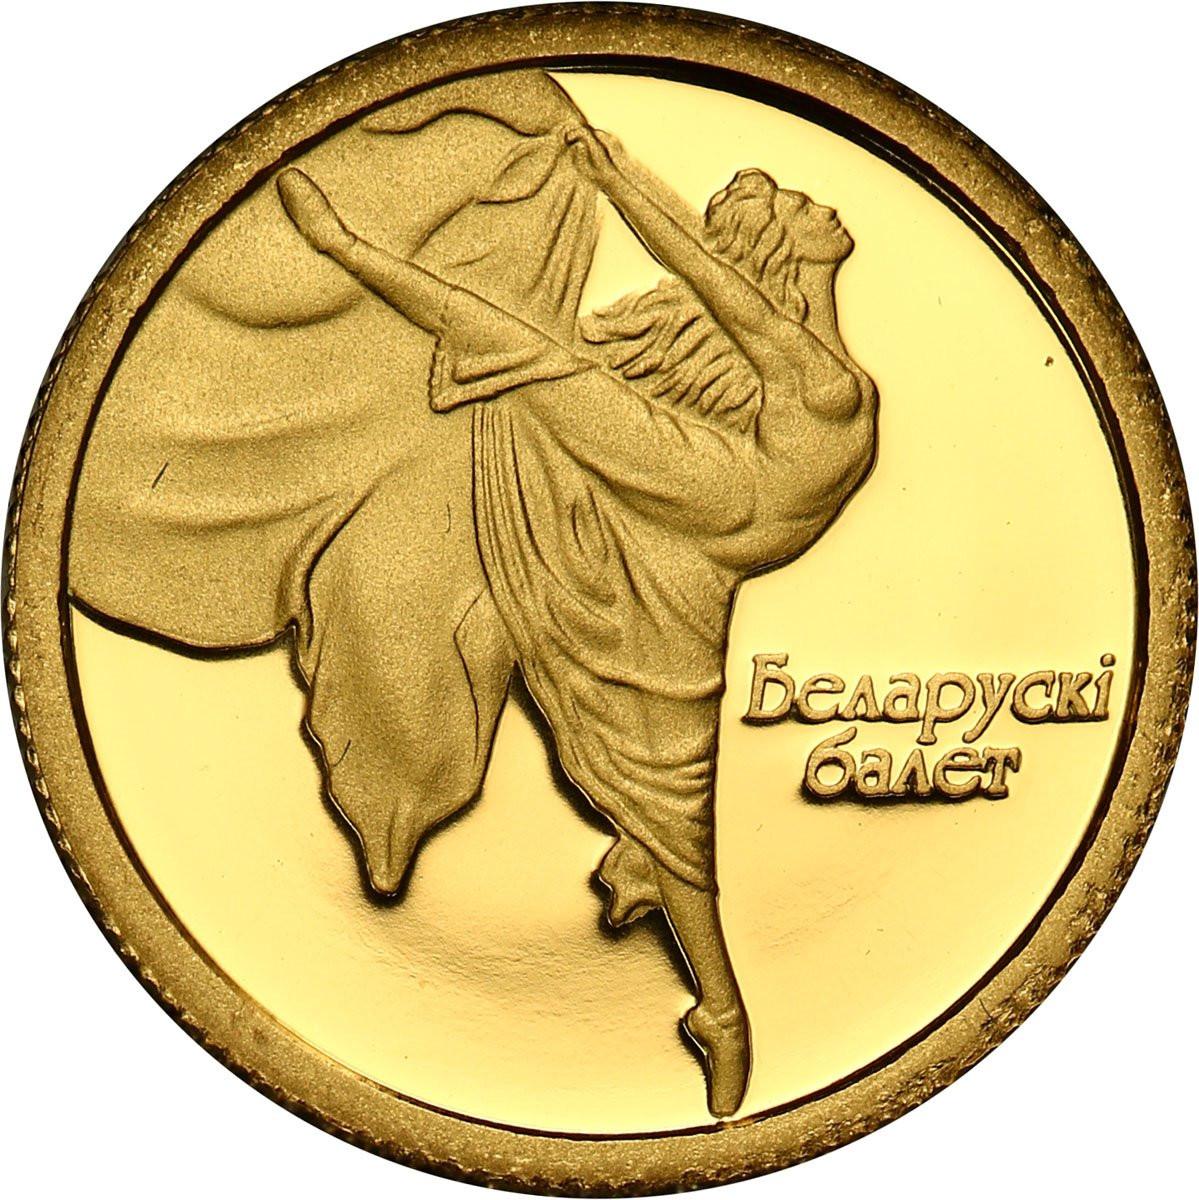 Białoruś. 10 rubli 2005 Balet -  Baletnica - 1/25 uncji złota